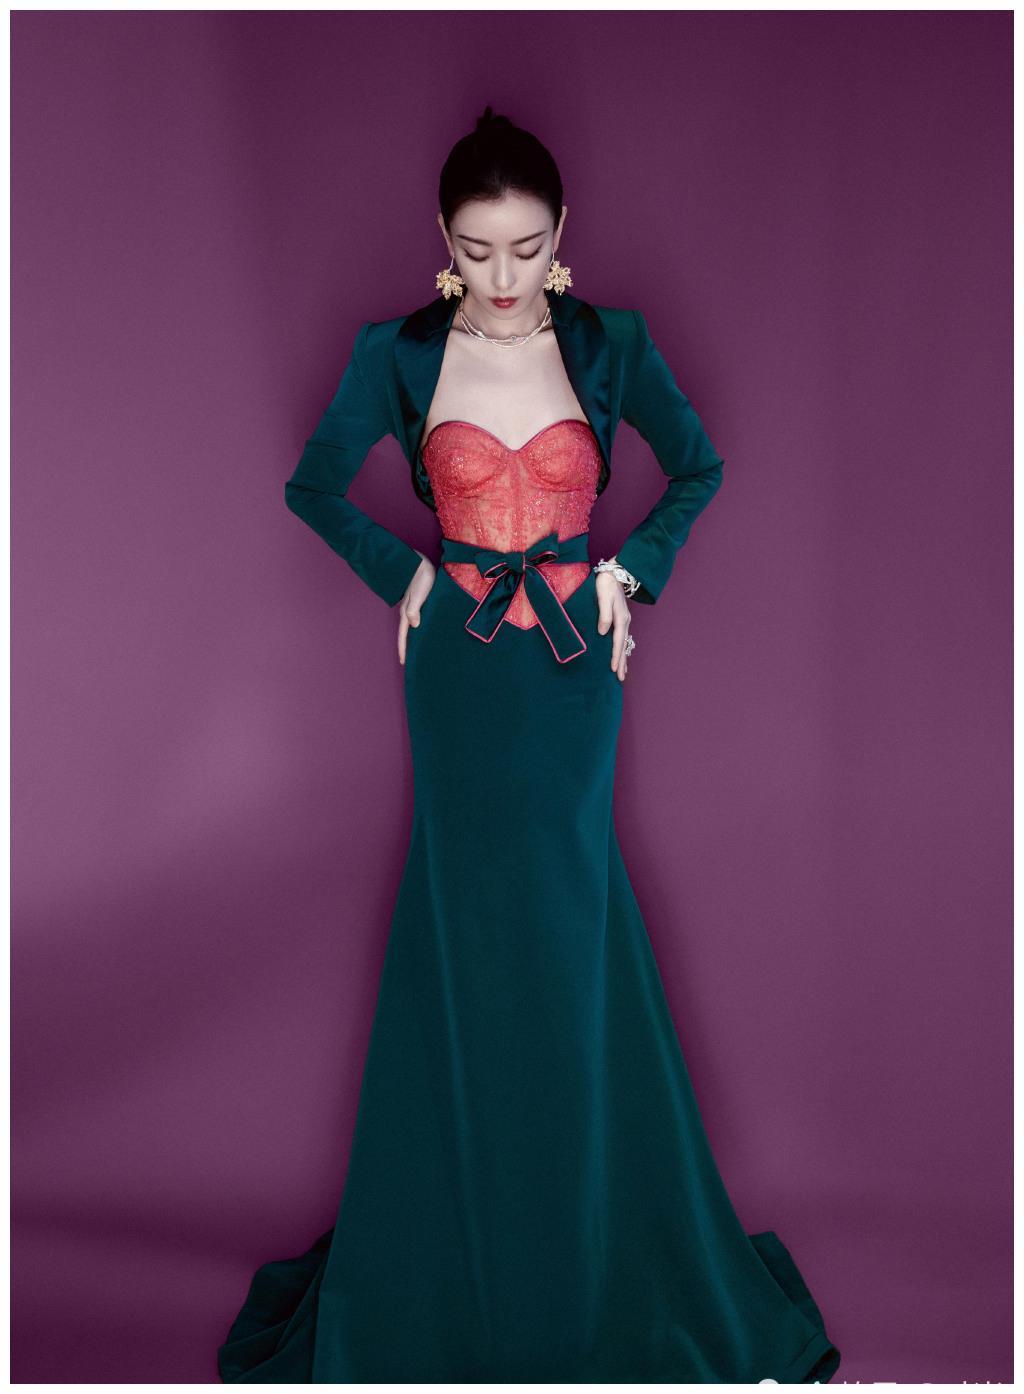 倪妮今日红毯造型,身穿一袭粉绿撞色礼服,尽显曼妙身姿